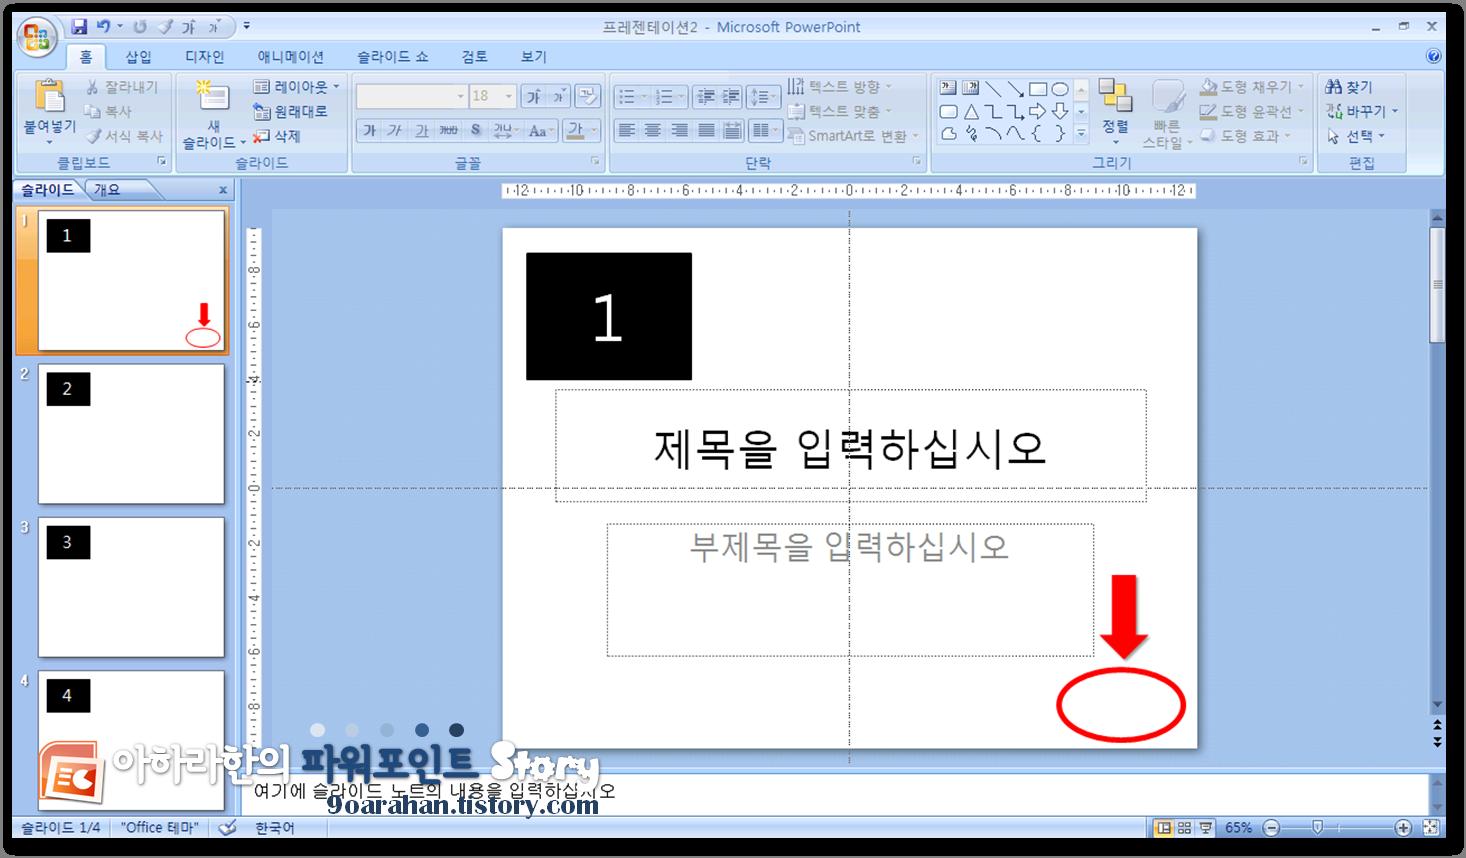 [파워포인트 페이지번호] 파워포인트 페이지 번호 설정, 슬라이드 번호 표시 방법